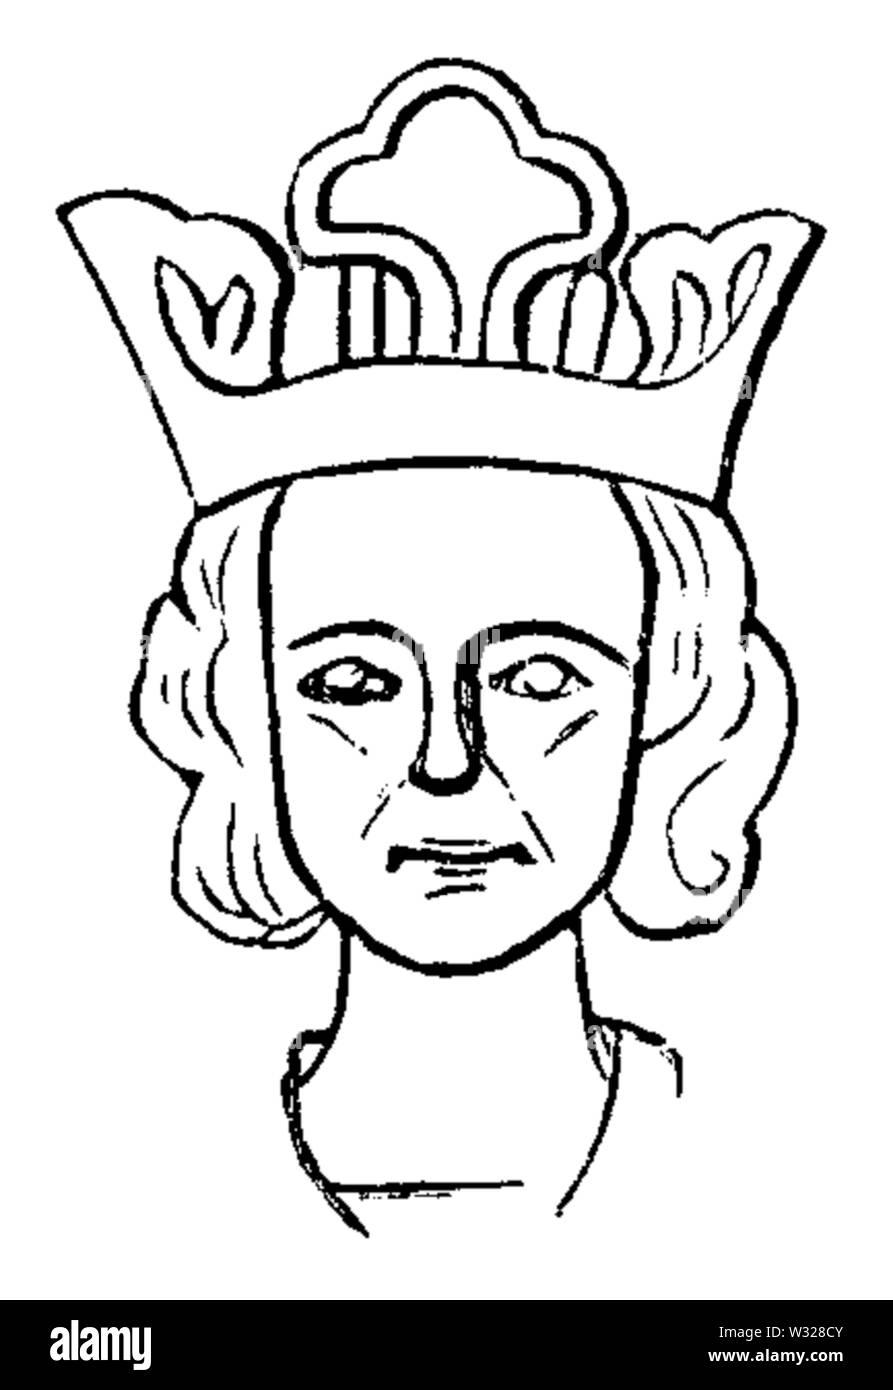 Hans Hildebrand trodde att en valvkonsol i Skara domkyrka föreställde kung Birger Magnusson genom att han gjorde en jämförelse med ett sigillavtryck med ett samtida porträtt av denne kung Birger Magnusson, den bild som visas här. Valvkonsolen med en huvudskulptur föreställer troligen istället hans farbror kung Valdemar Birgersson enligt senare forskare, medan hans far Magnus Ladulås är avbildad på en annan valvkonsol som hertig (alltså blev han avbildad innan han lyckades ta över tronen från sin bror). Stock Photo